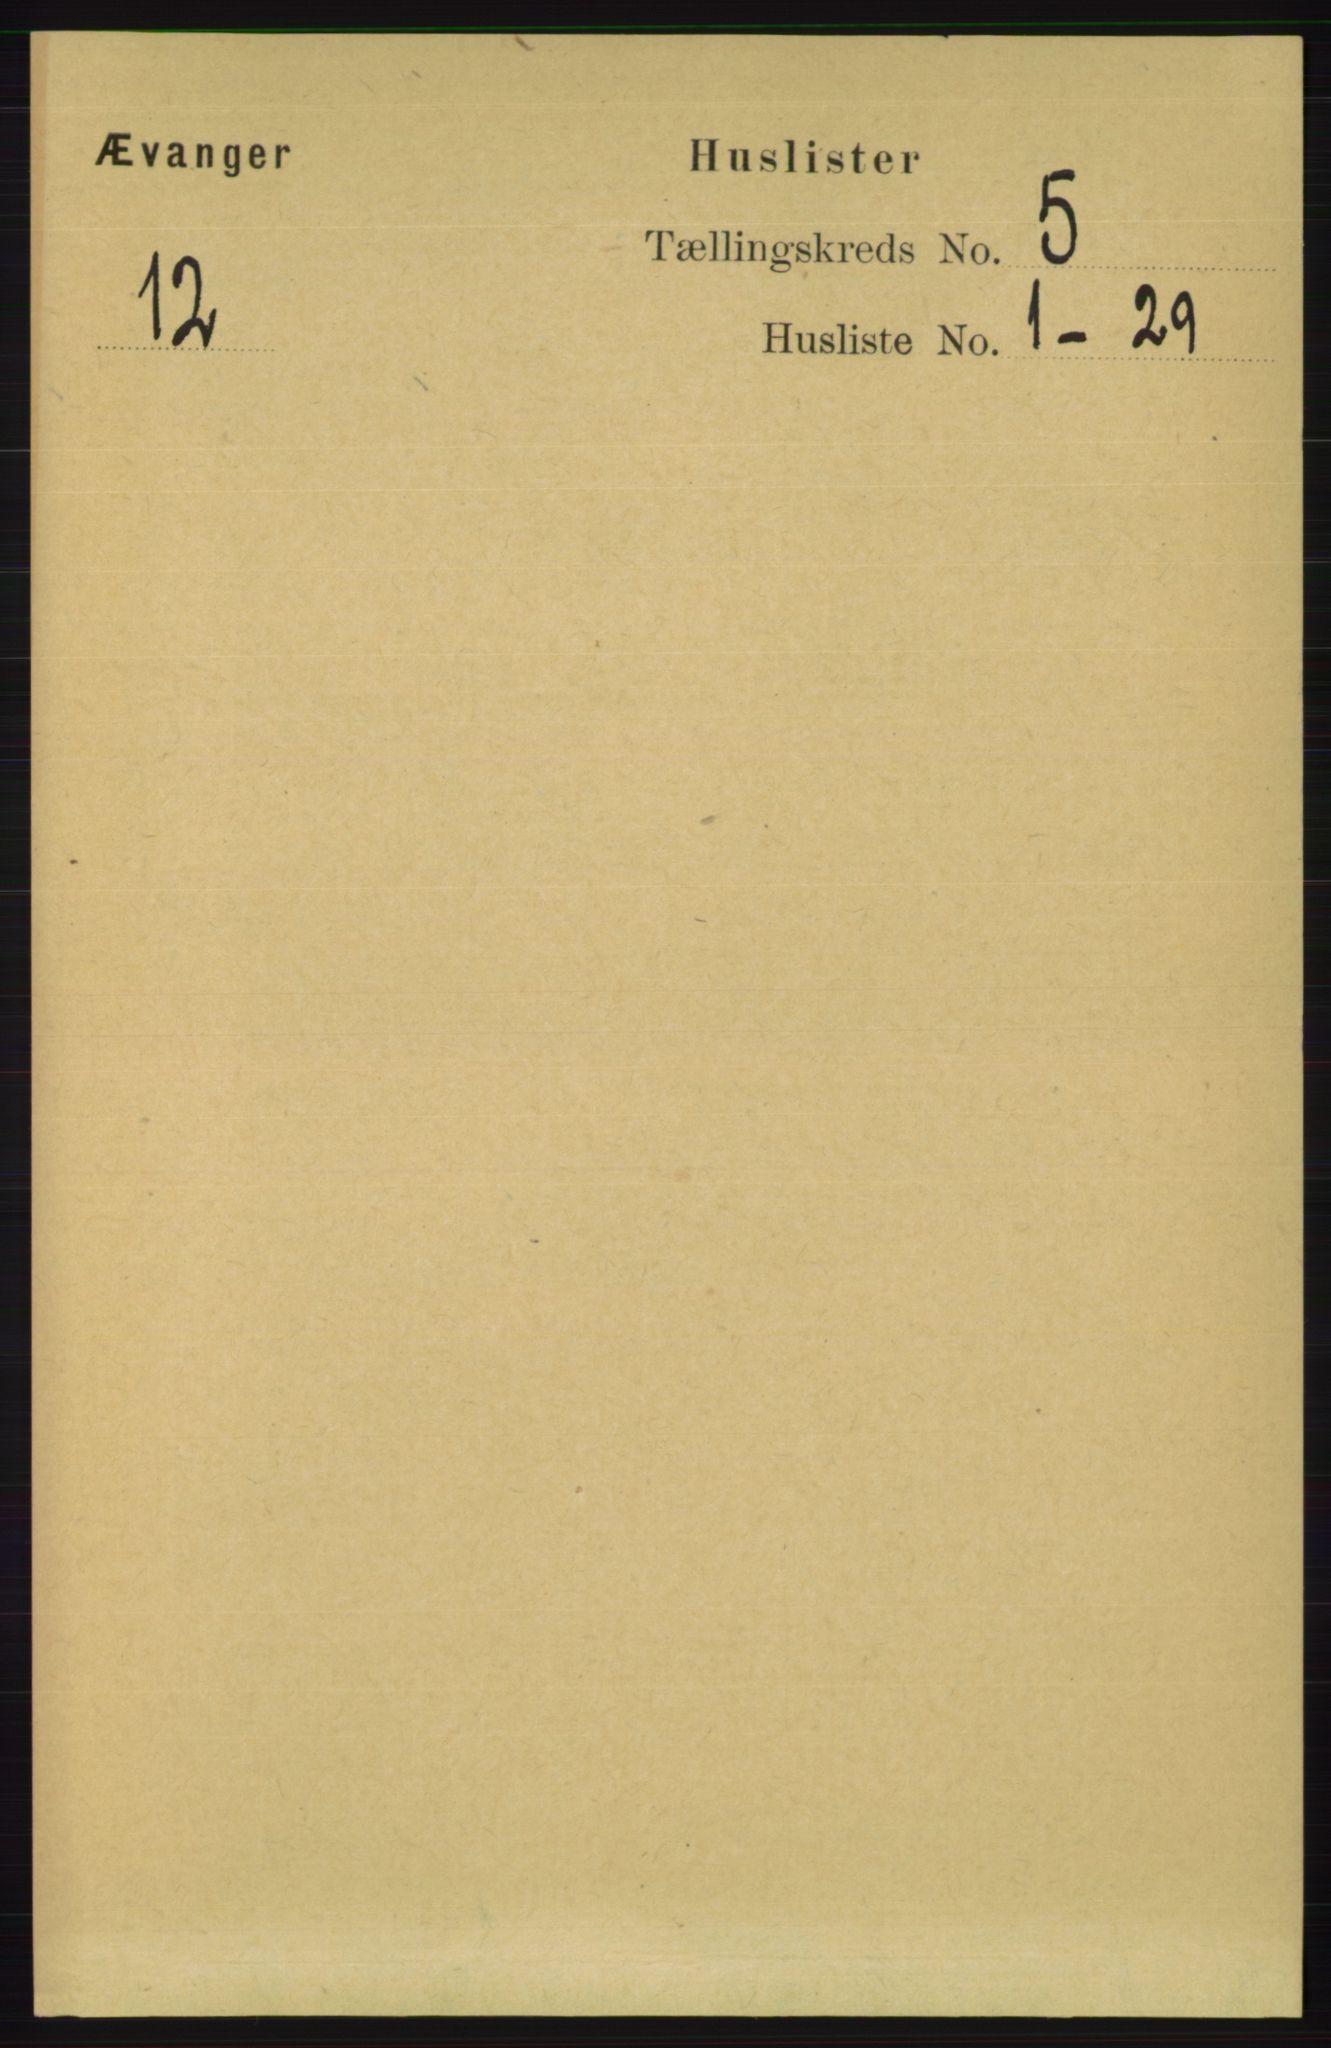 RA, Folketelling 1891 for 1237 Evanger herred, 1891, s. 1358